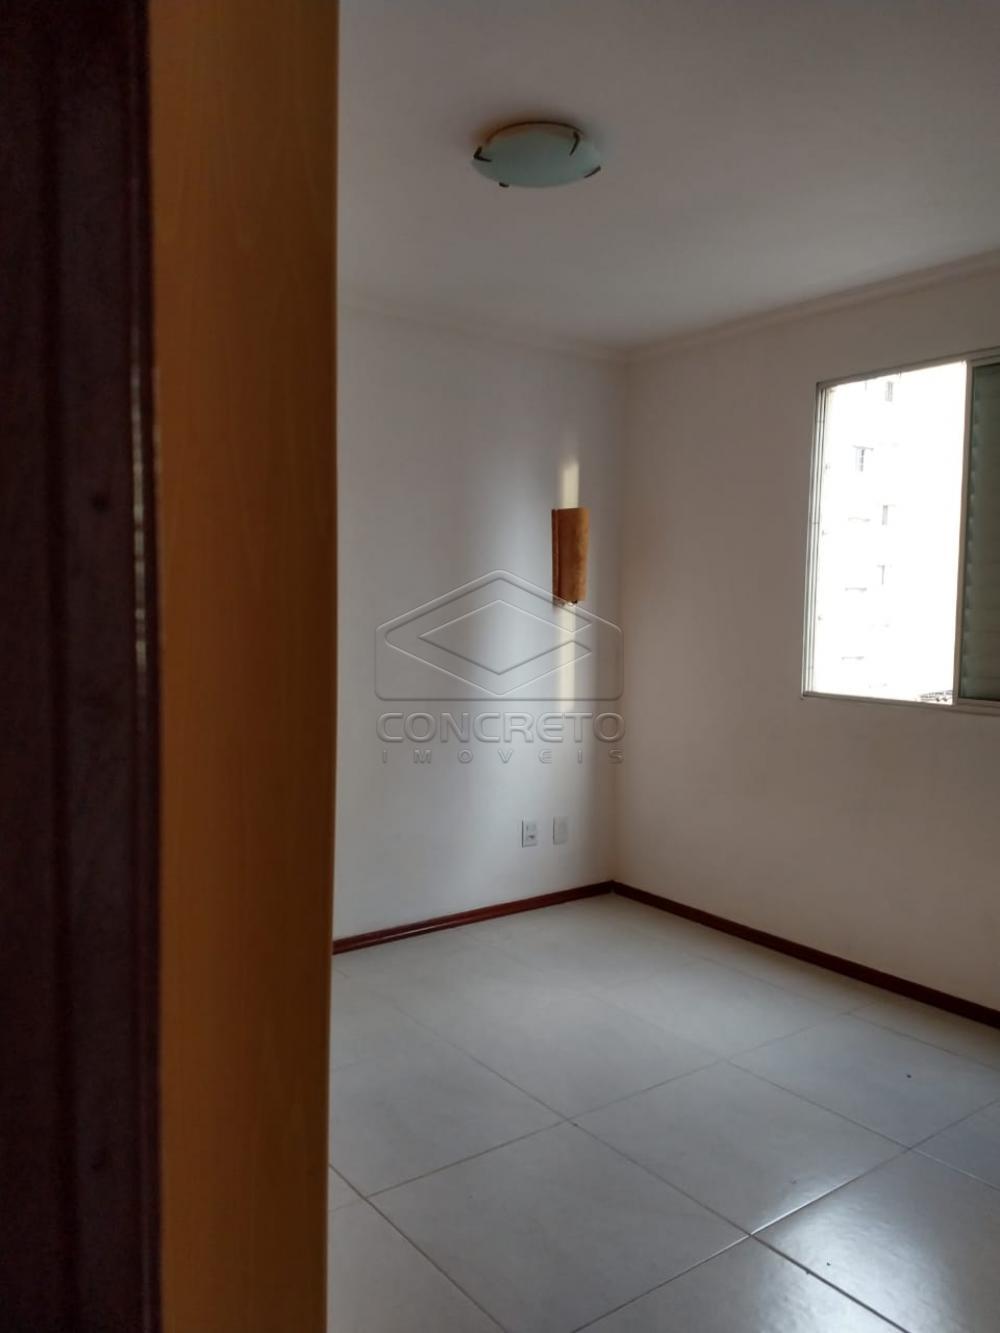 Comprar Apartamento / Padrão em Bauru R$ 190.000,00 - Foto 9